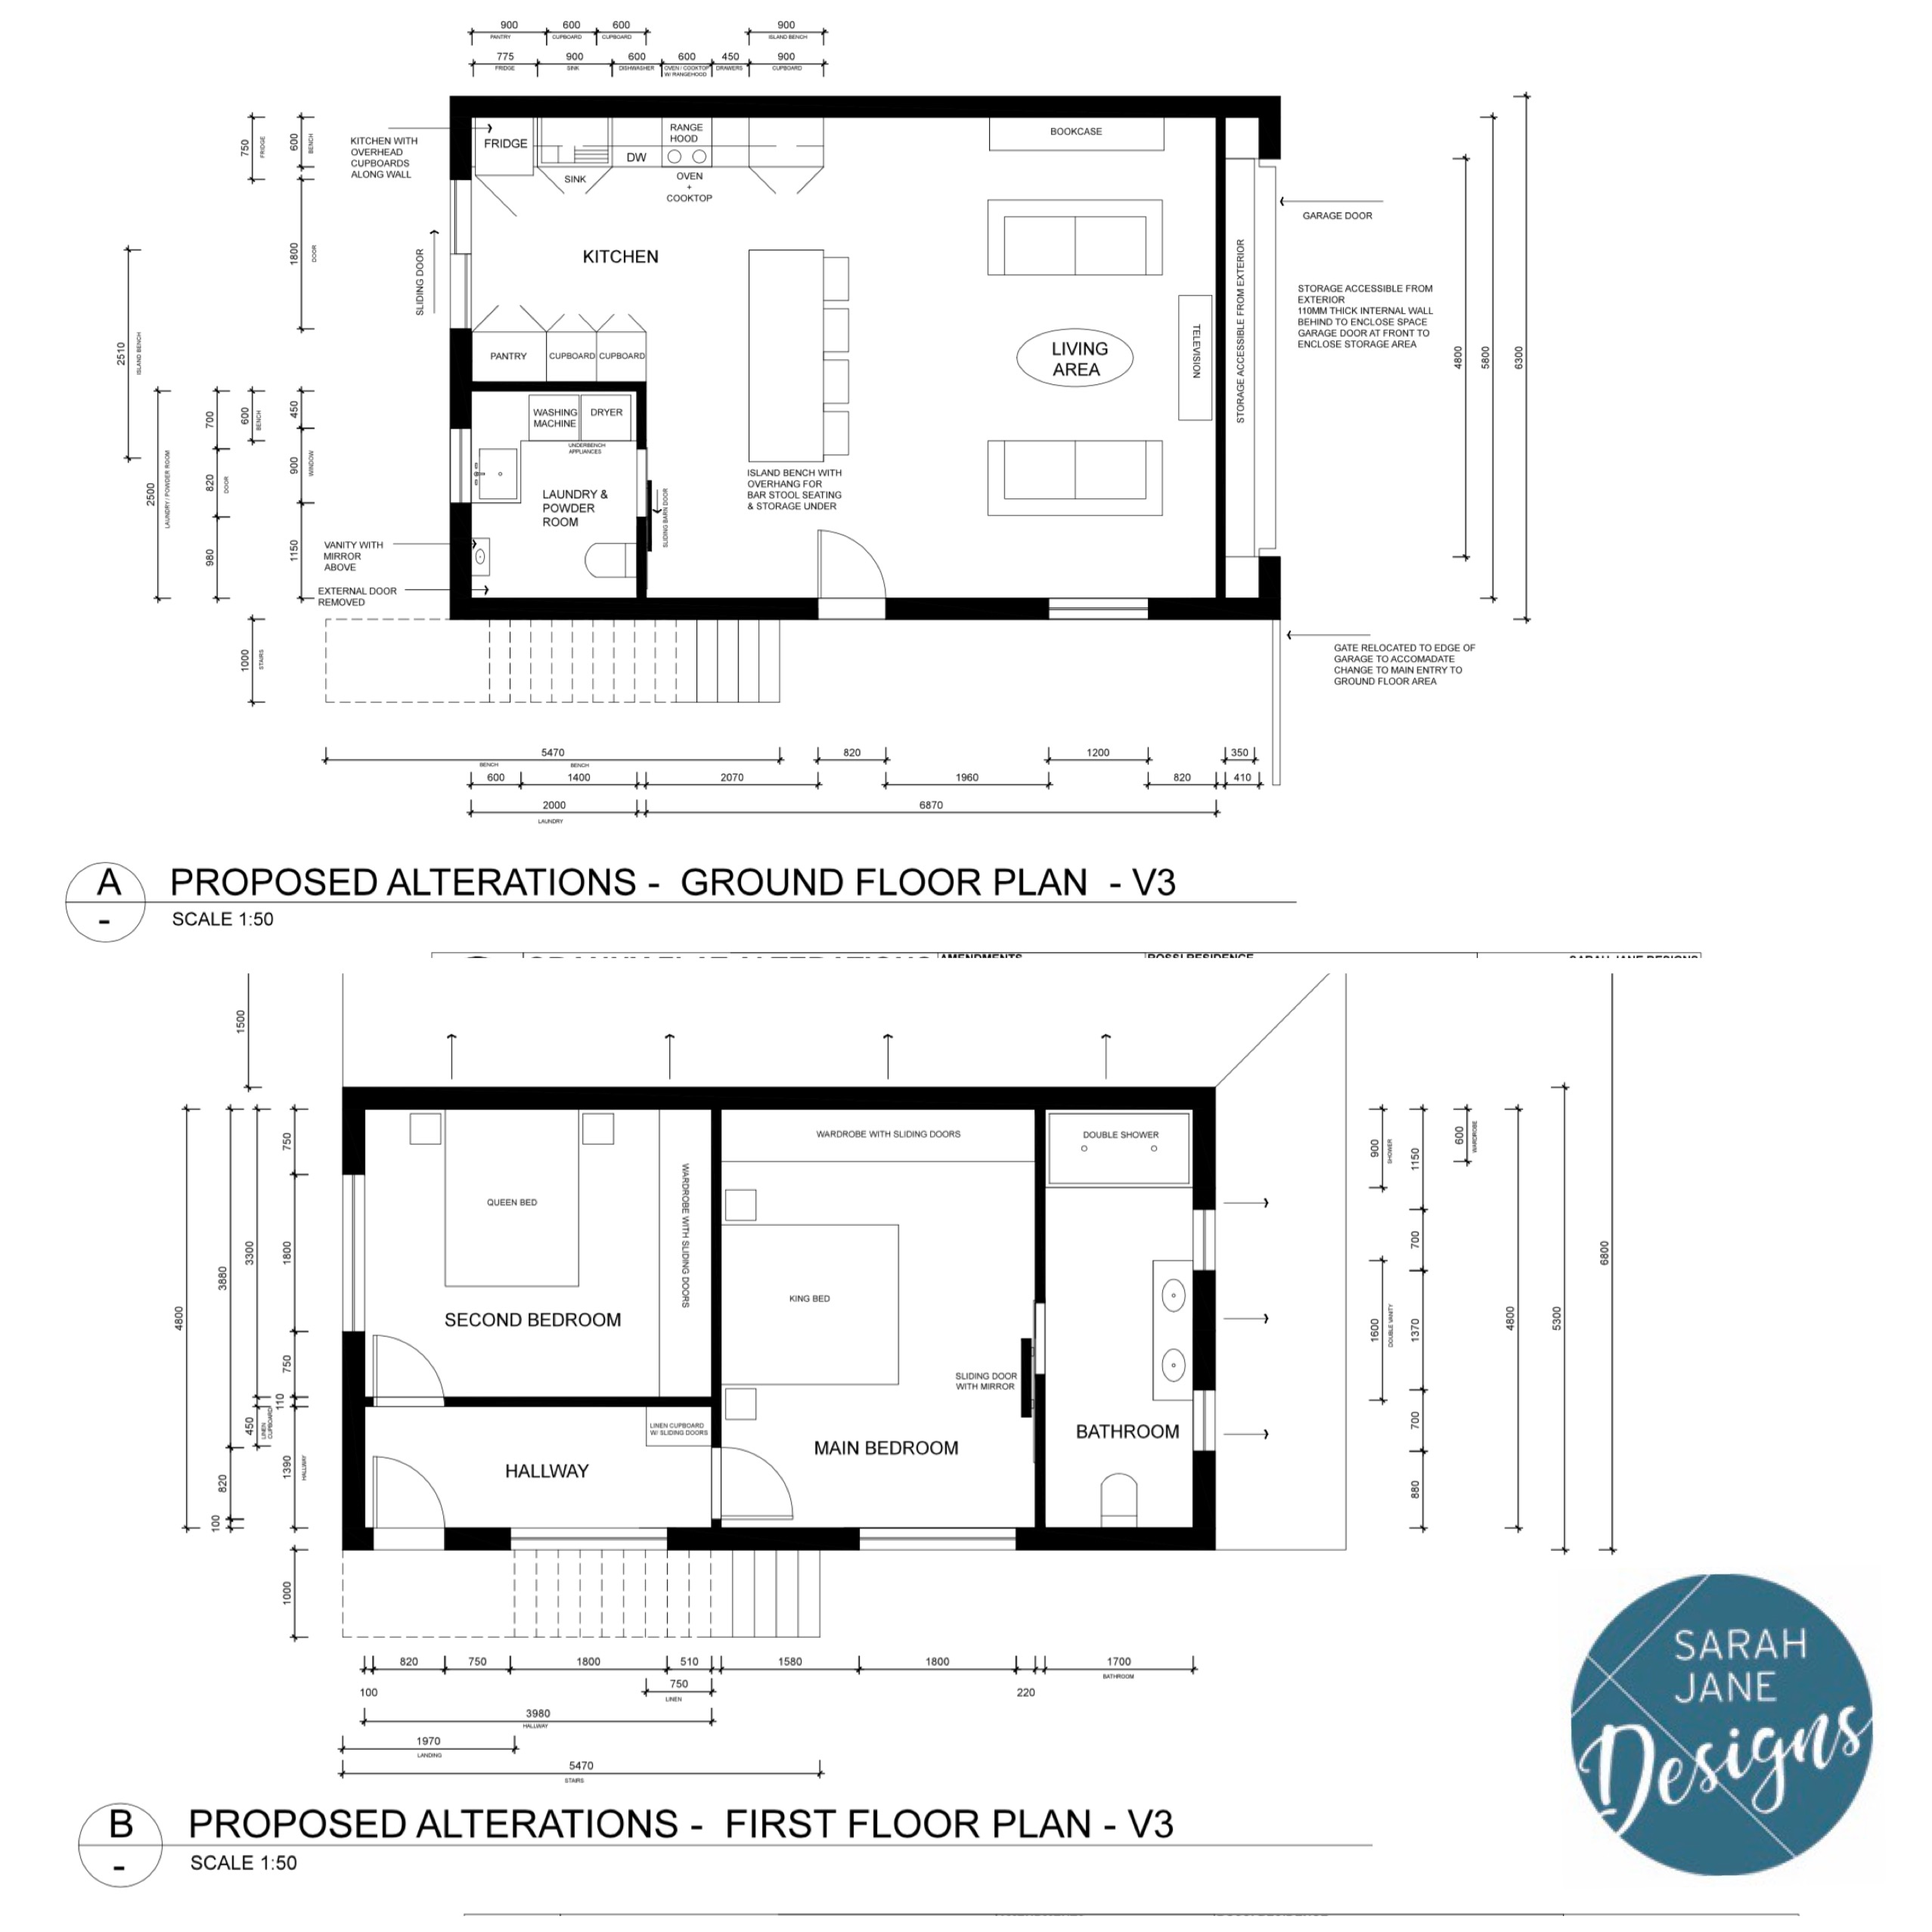 Residential Design - 2 story